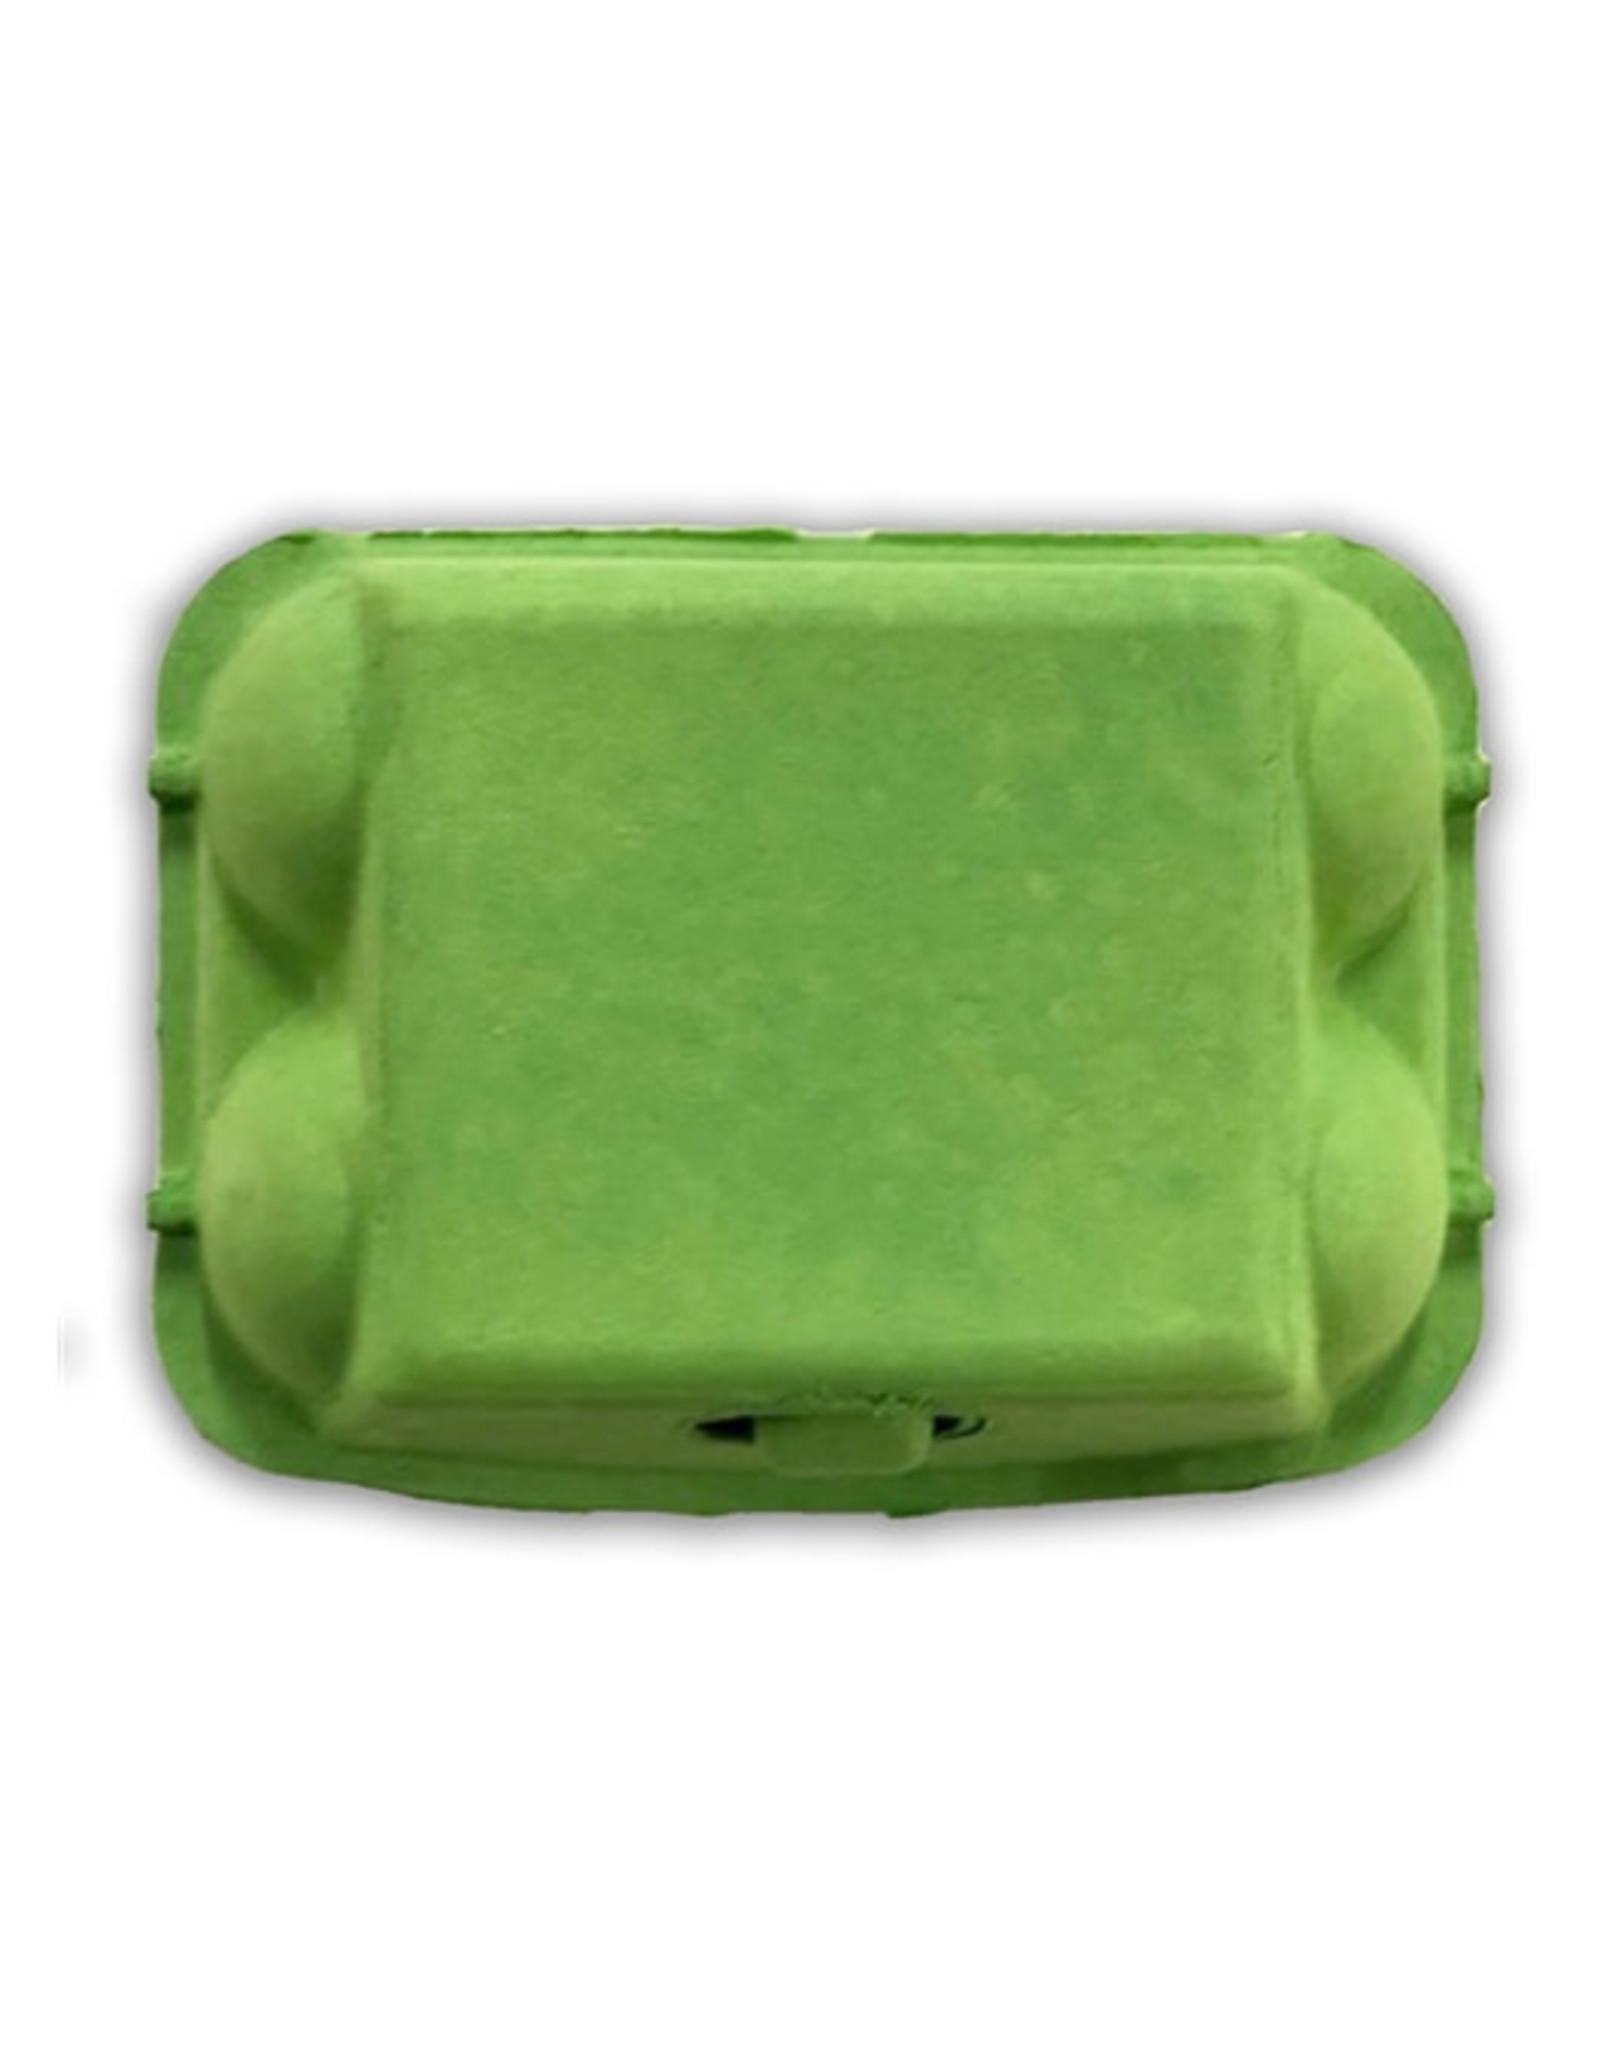 Inspire Farms 6-Egg Green Paper Cartons